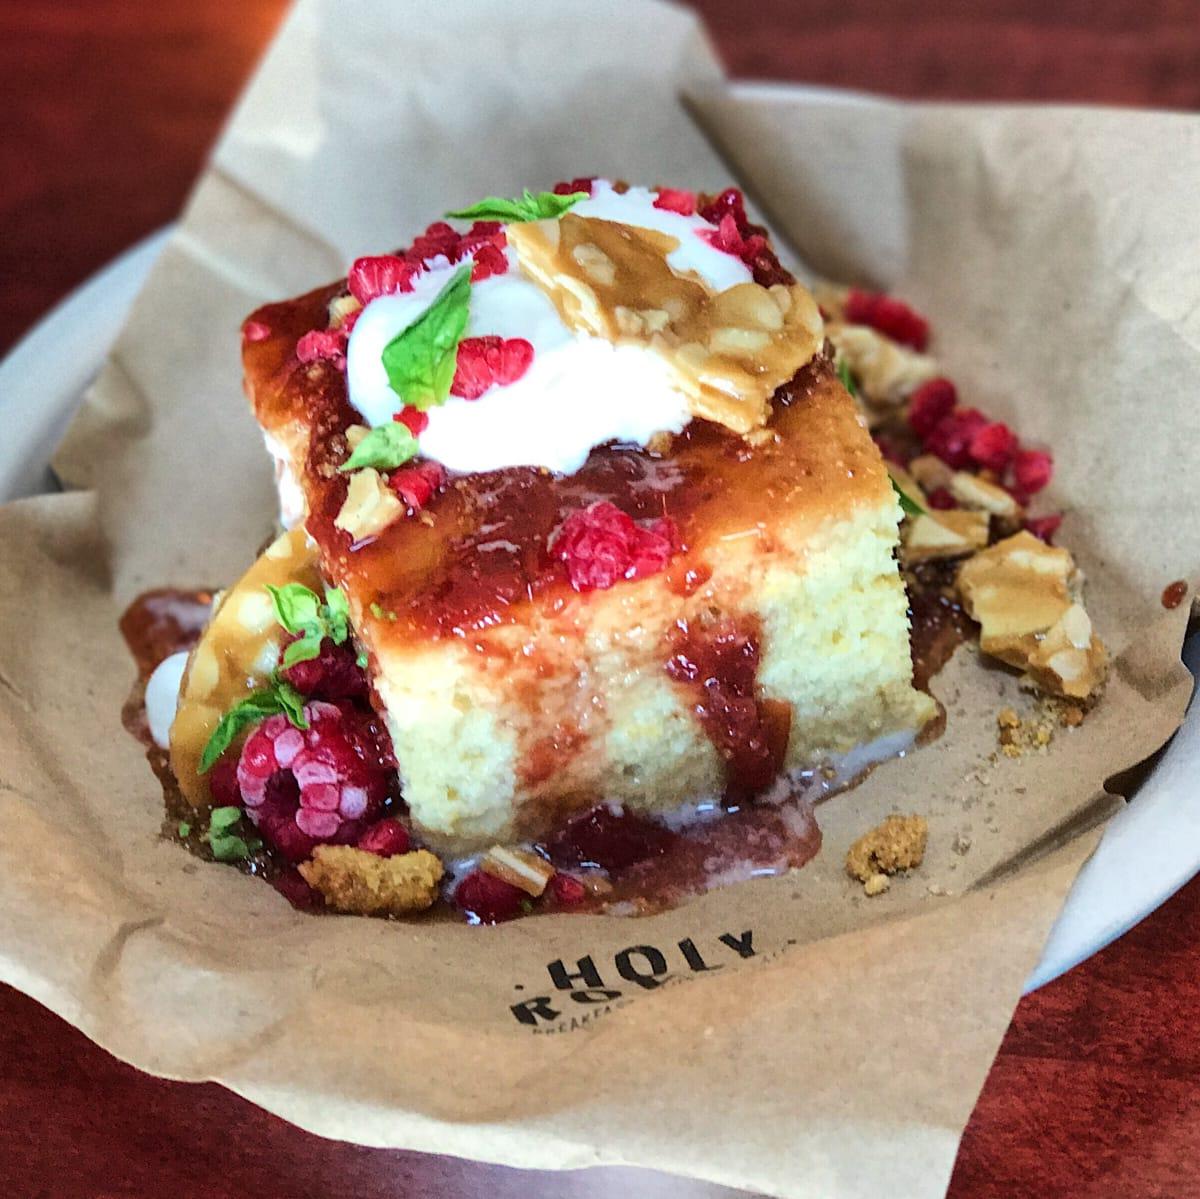 Holy Roller honey cake